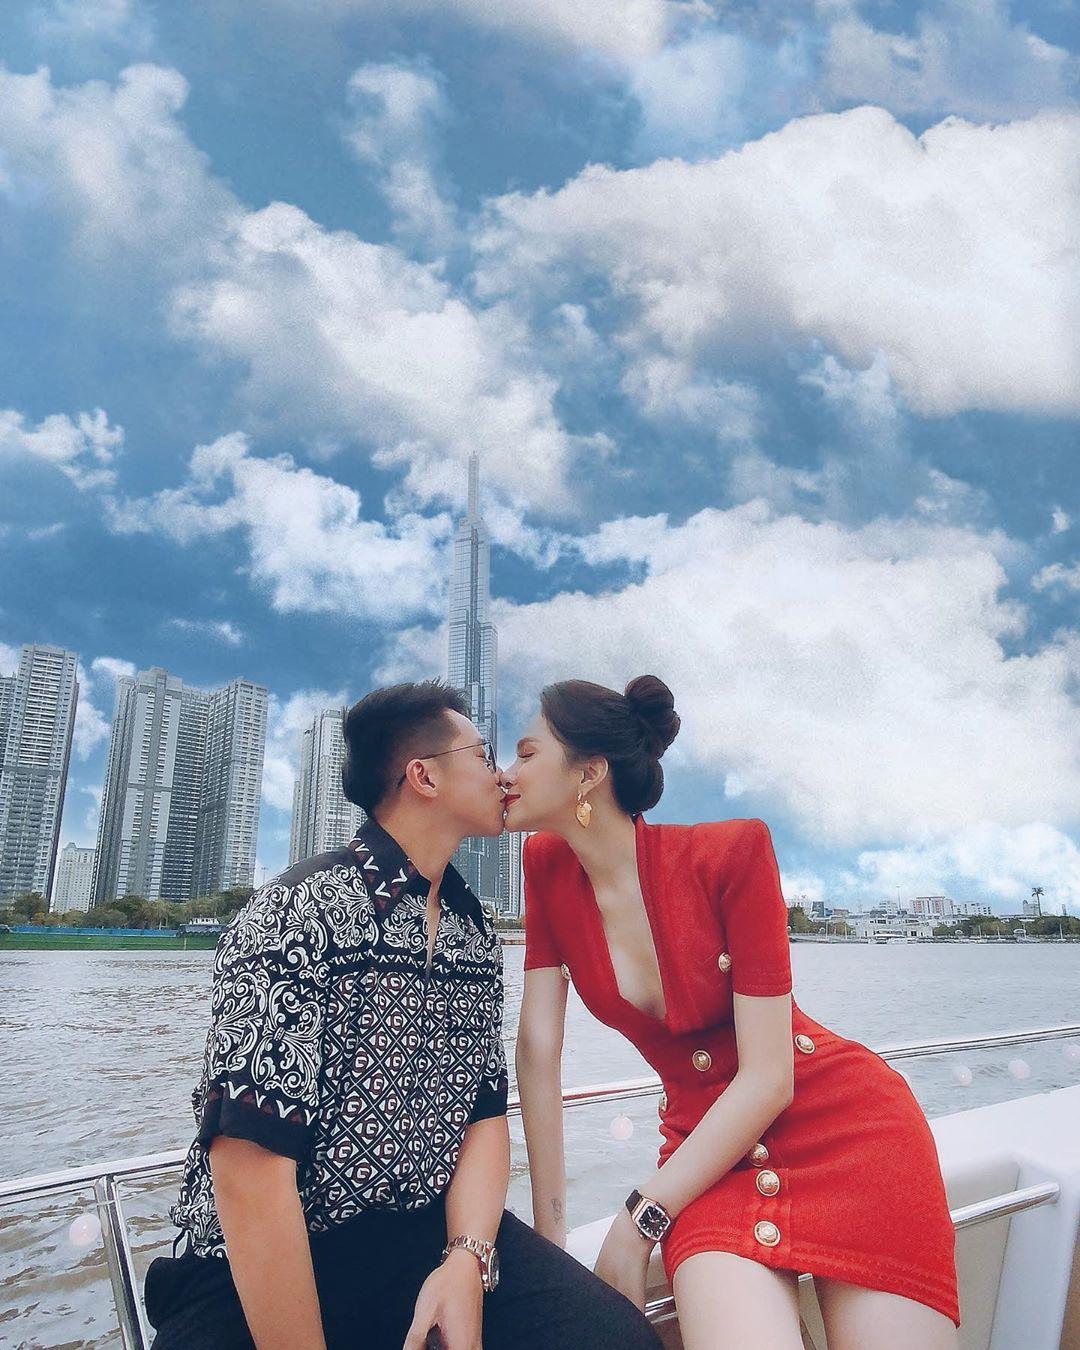 Hương Giang hé lộ biệt thự bạc tỷ: Khoe sương sương mặt tiền cũng đủ thấy quá hoành tráng